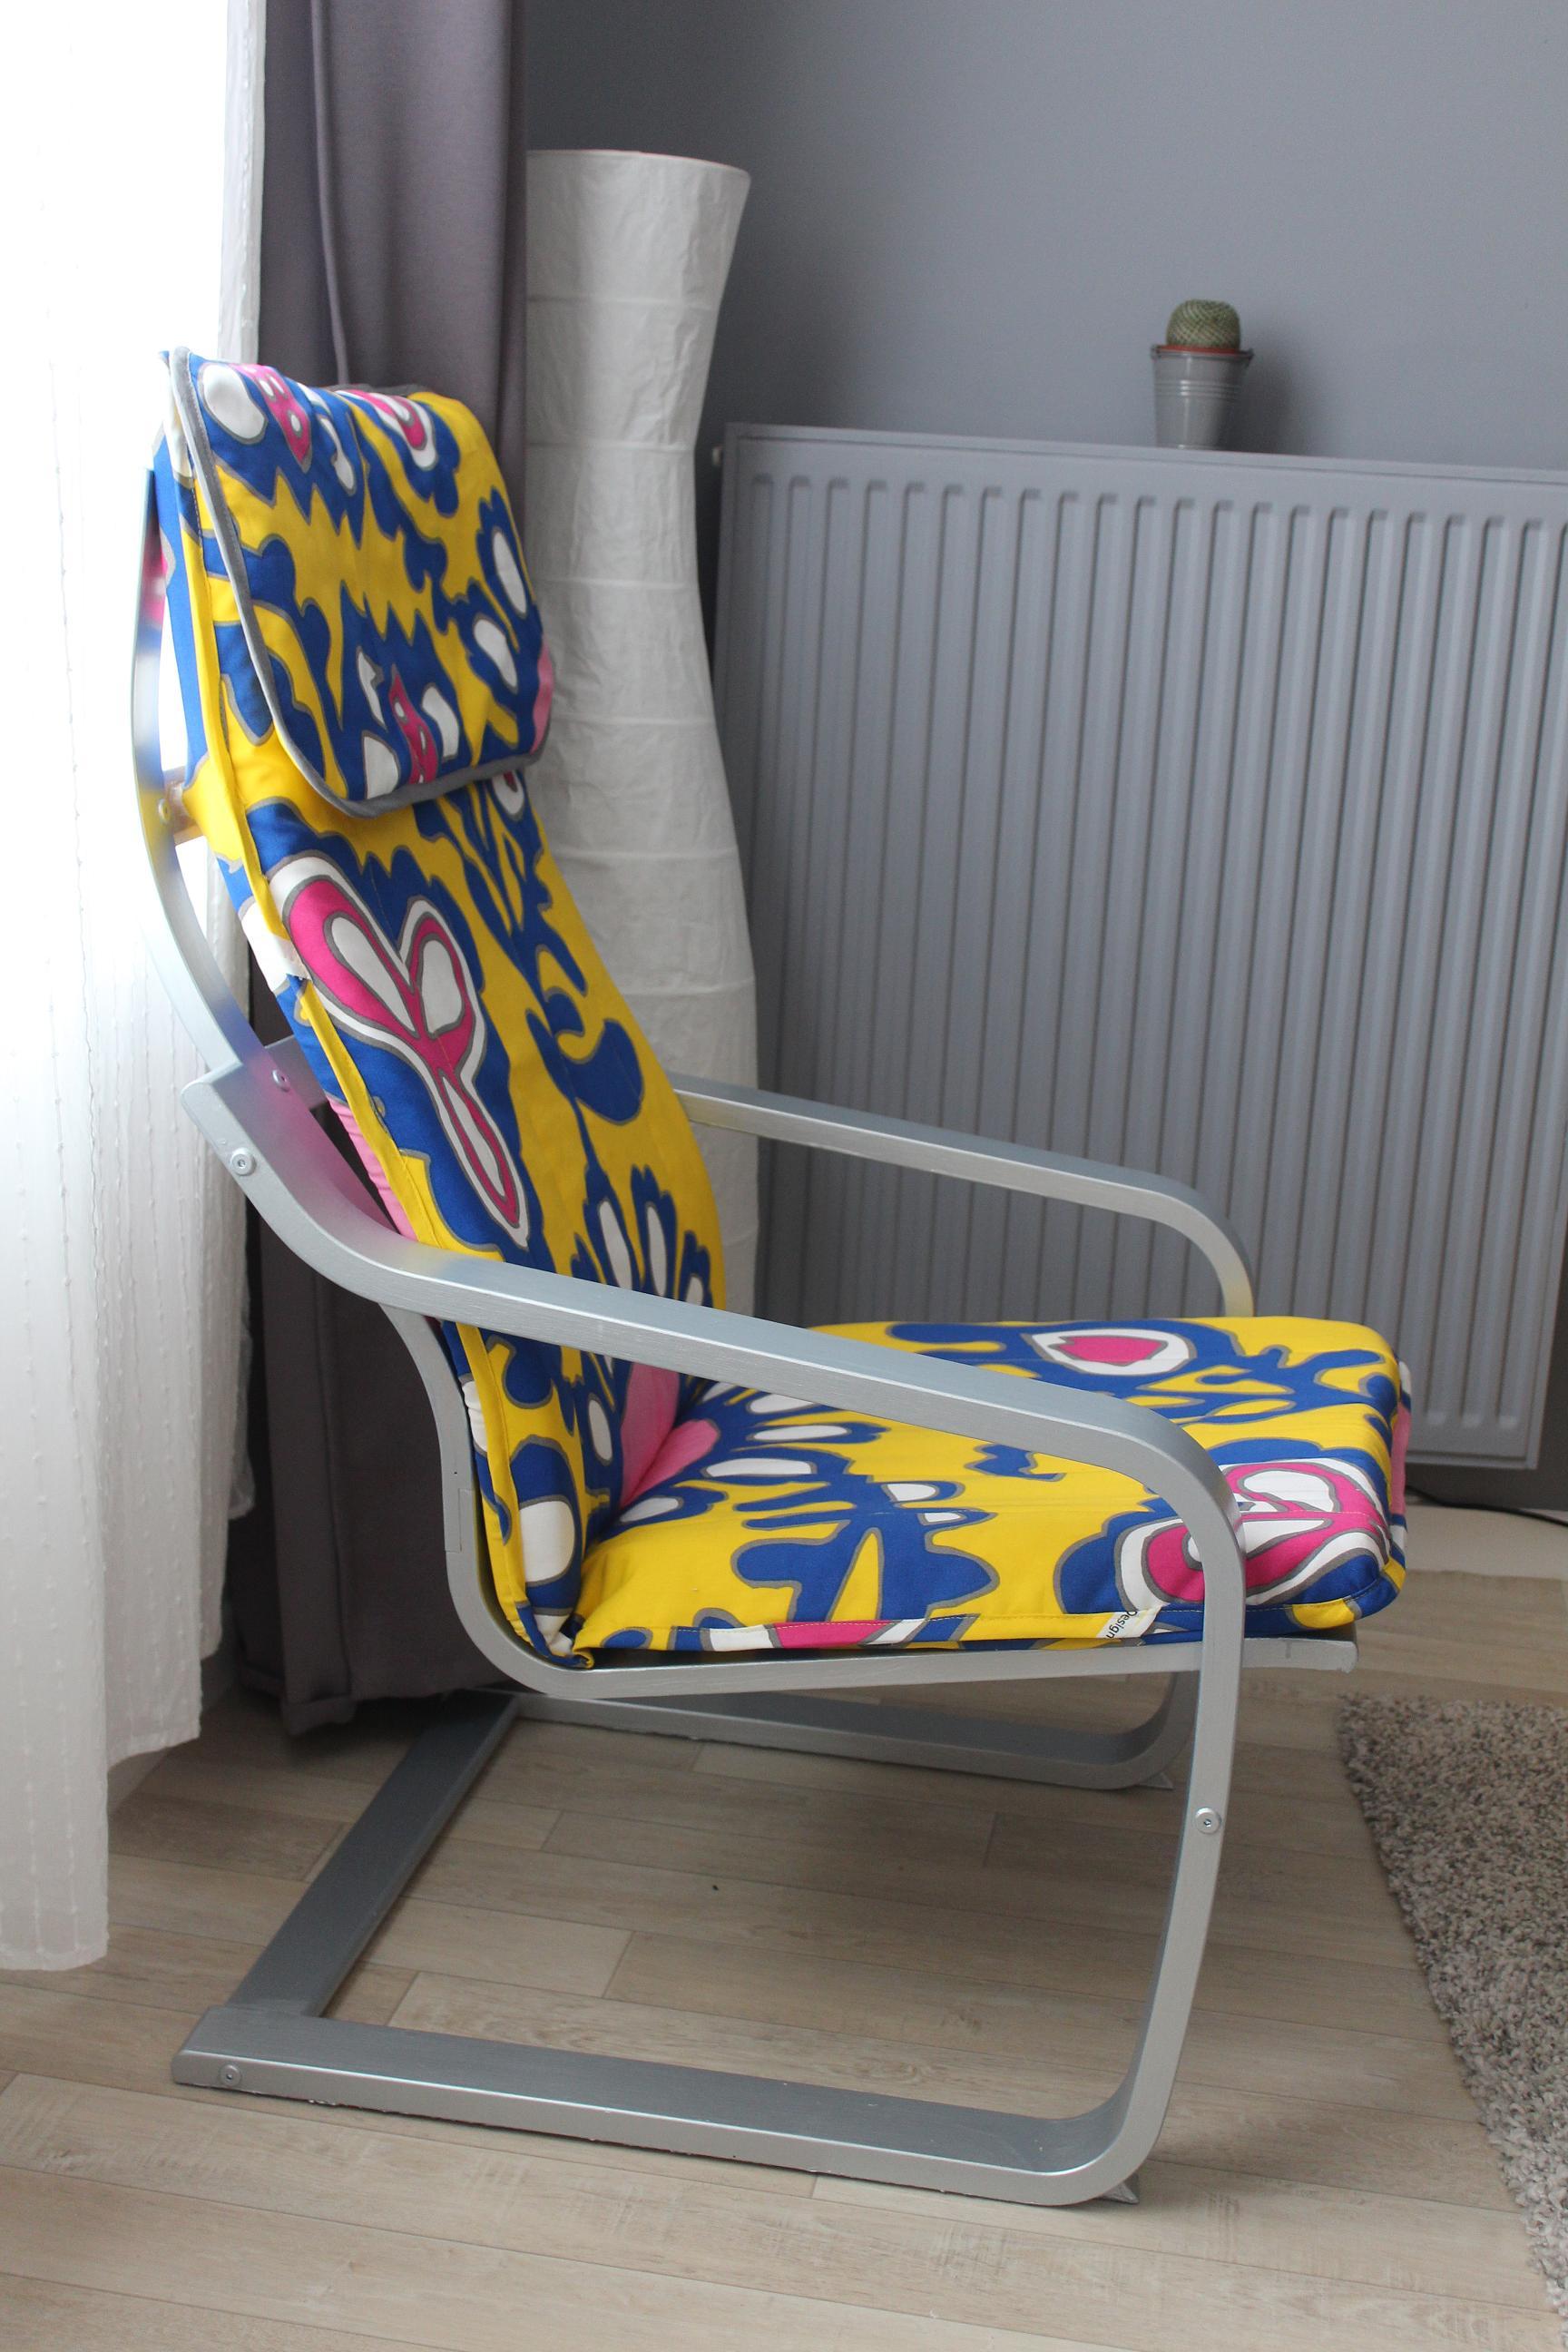 Comment Faire Une Housse De Fauteuil ikea hacking -fauteuil poäng | lapetitemaisoncouture